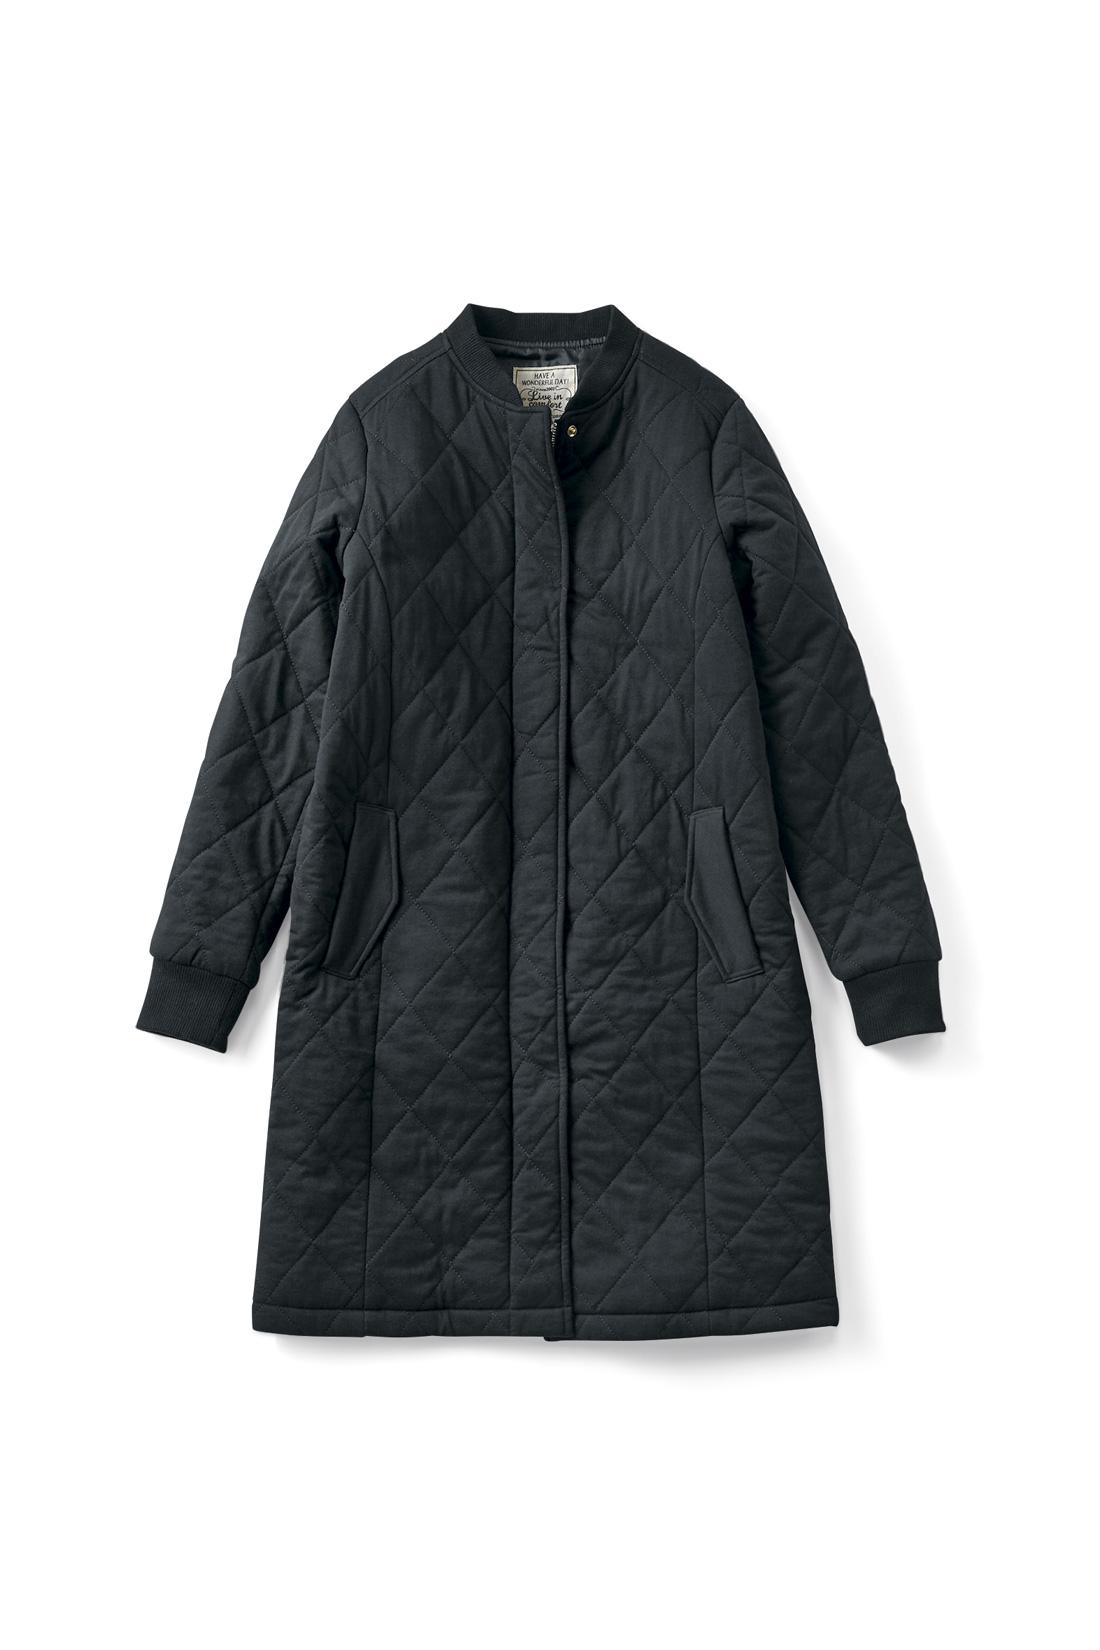 こなれ見えの【ブラック】身ごろの縦ラインの切り替えでスッキリ見せがかないます。袖口は伸びやかフィットのリブ仕様。キュッとプッシュアップして、カッコよく着こなせます。